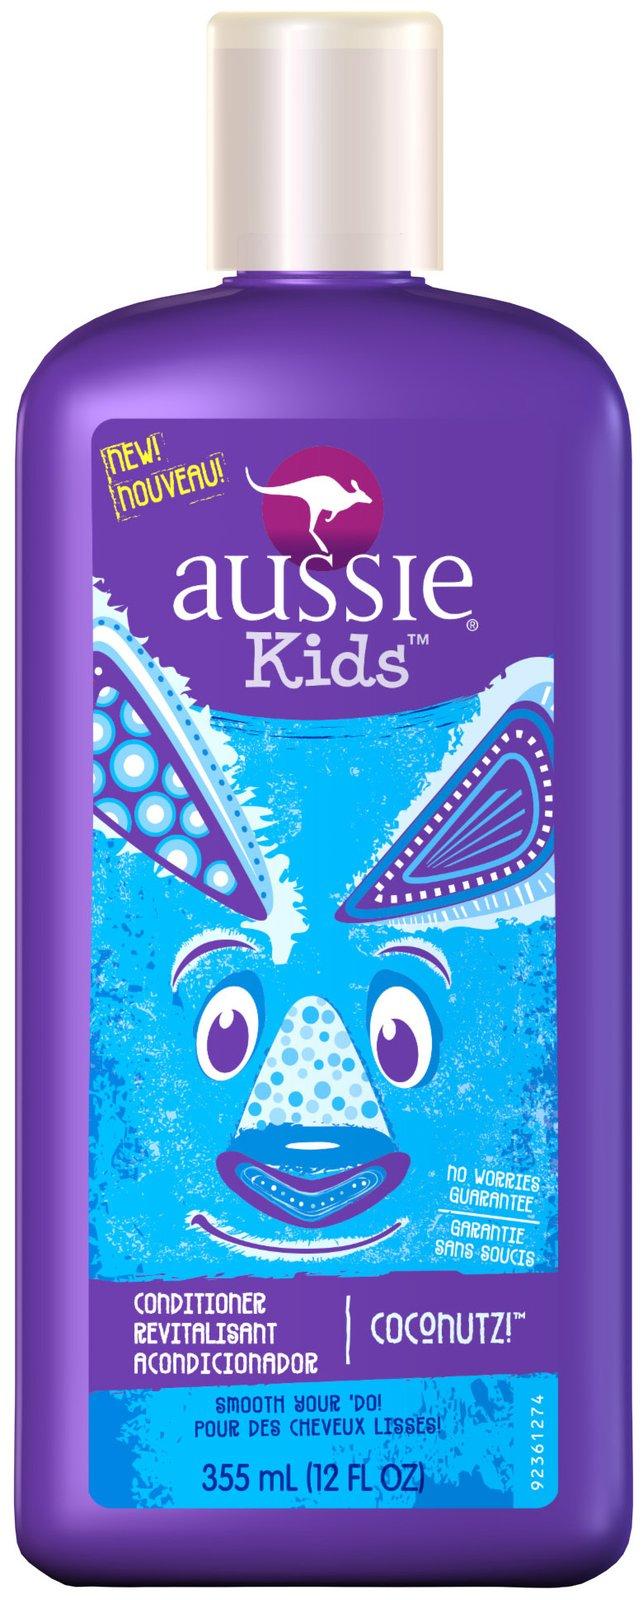 Aussie Kids Coconutz Conditioner uploaded by Jen H.